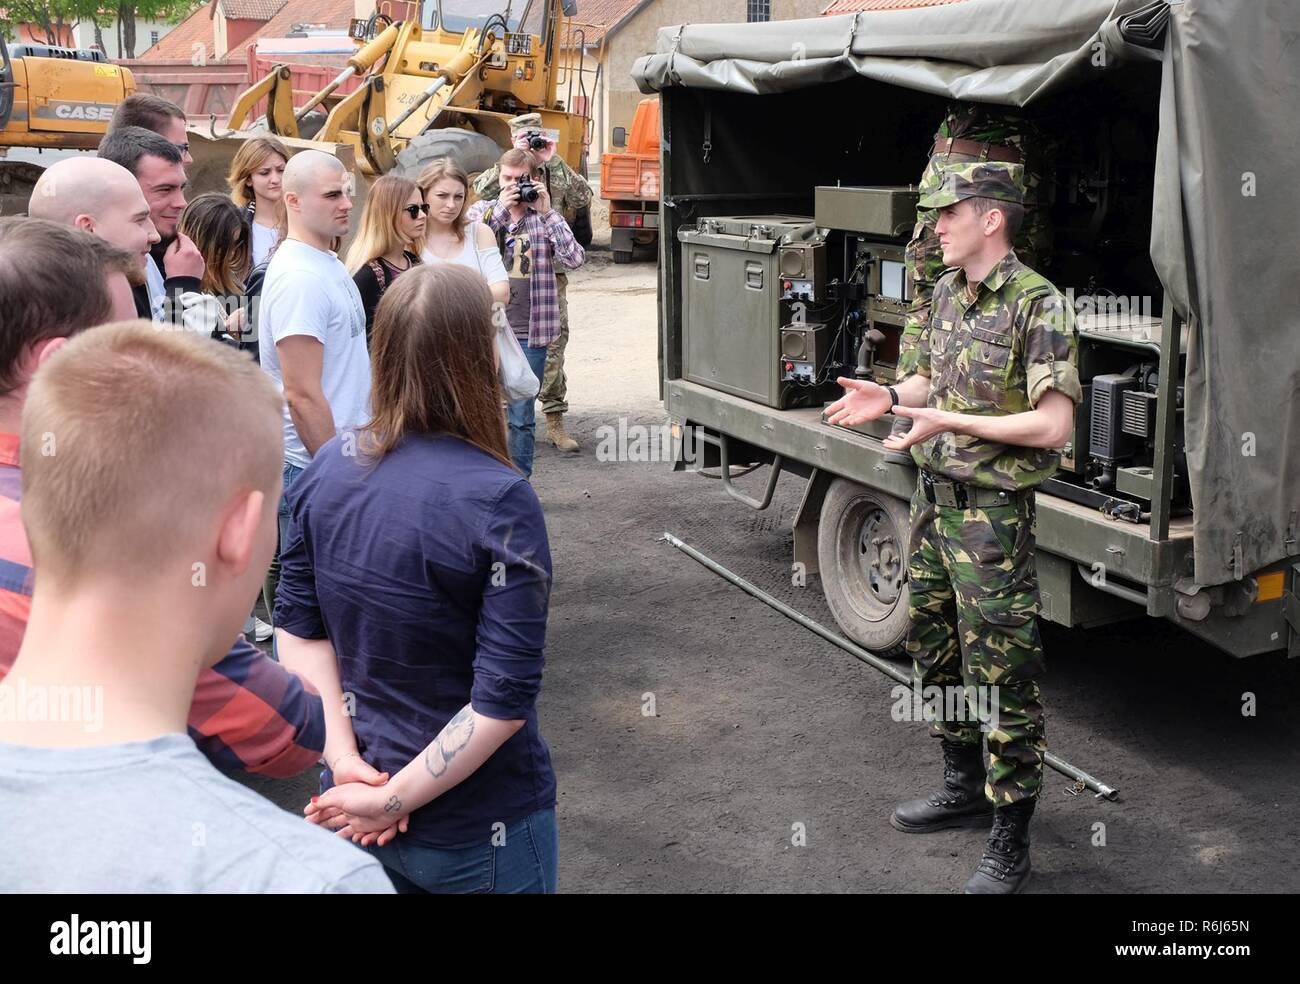 04afa9d68f3 Battle Group Poland Romanian soldier 1st Lt. Anghel Valer Huiu teaches the  cadets of War